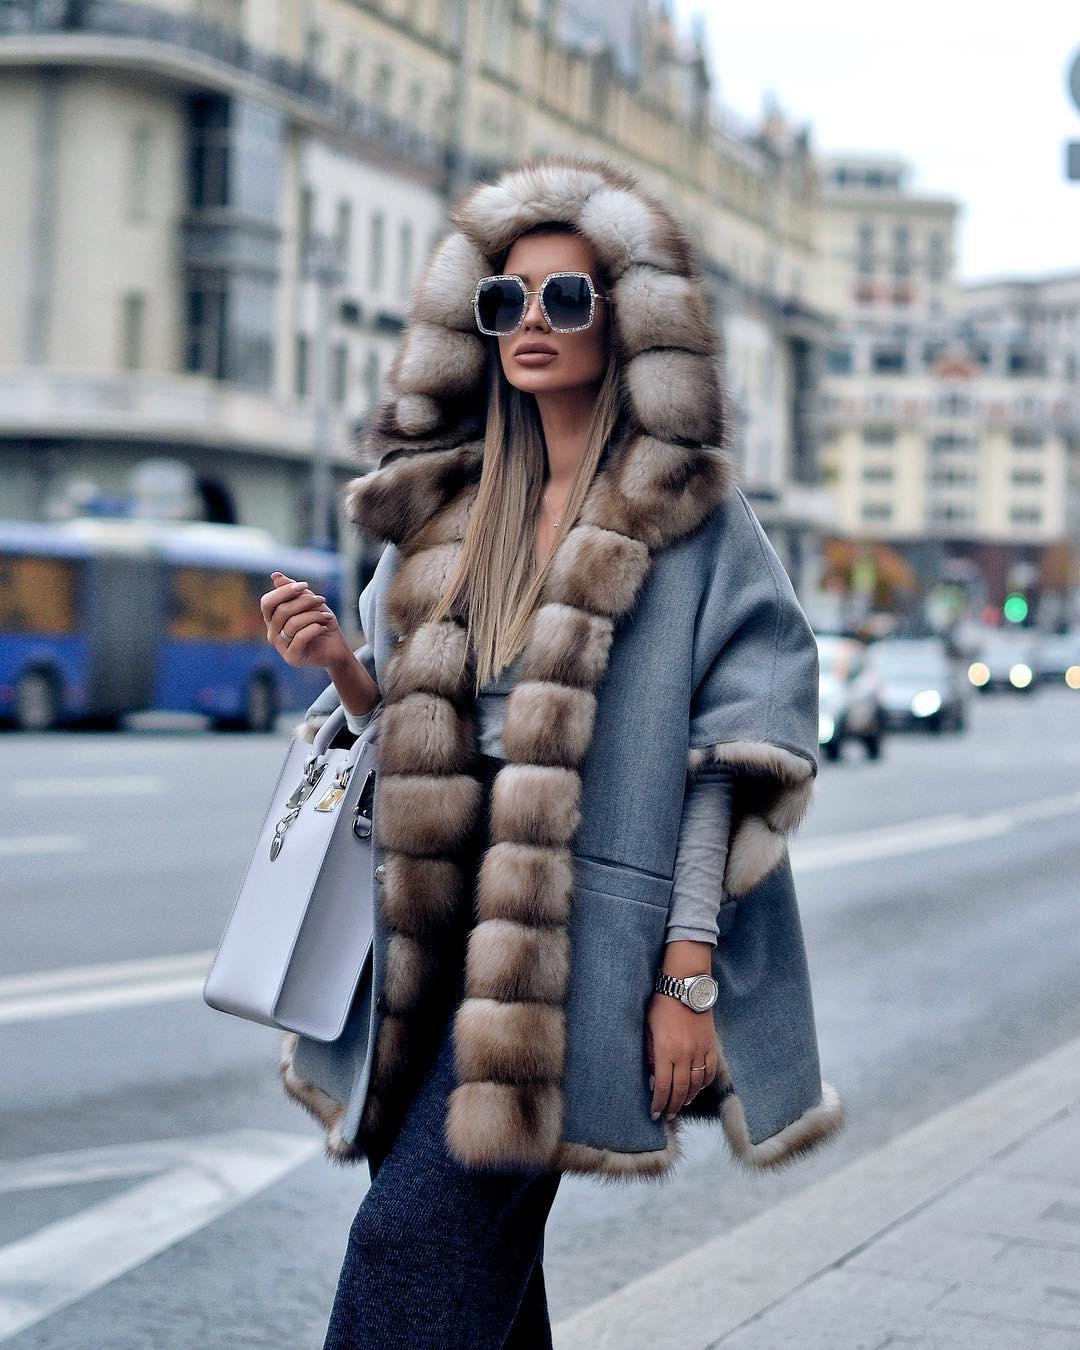 Пальто с капюшоном 2020 фото 1